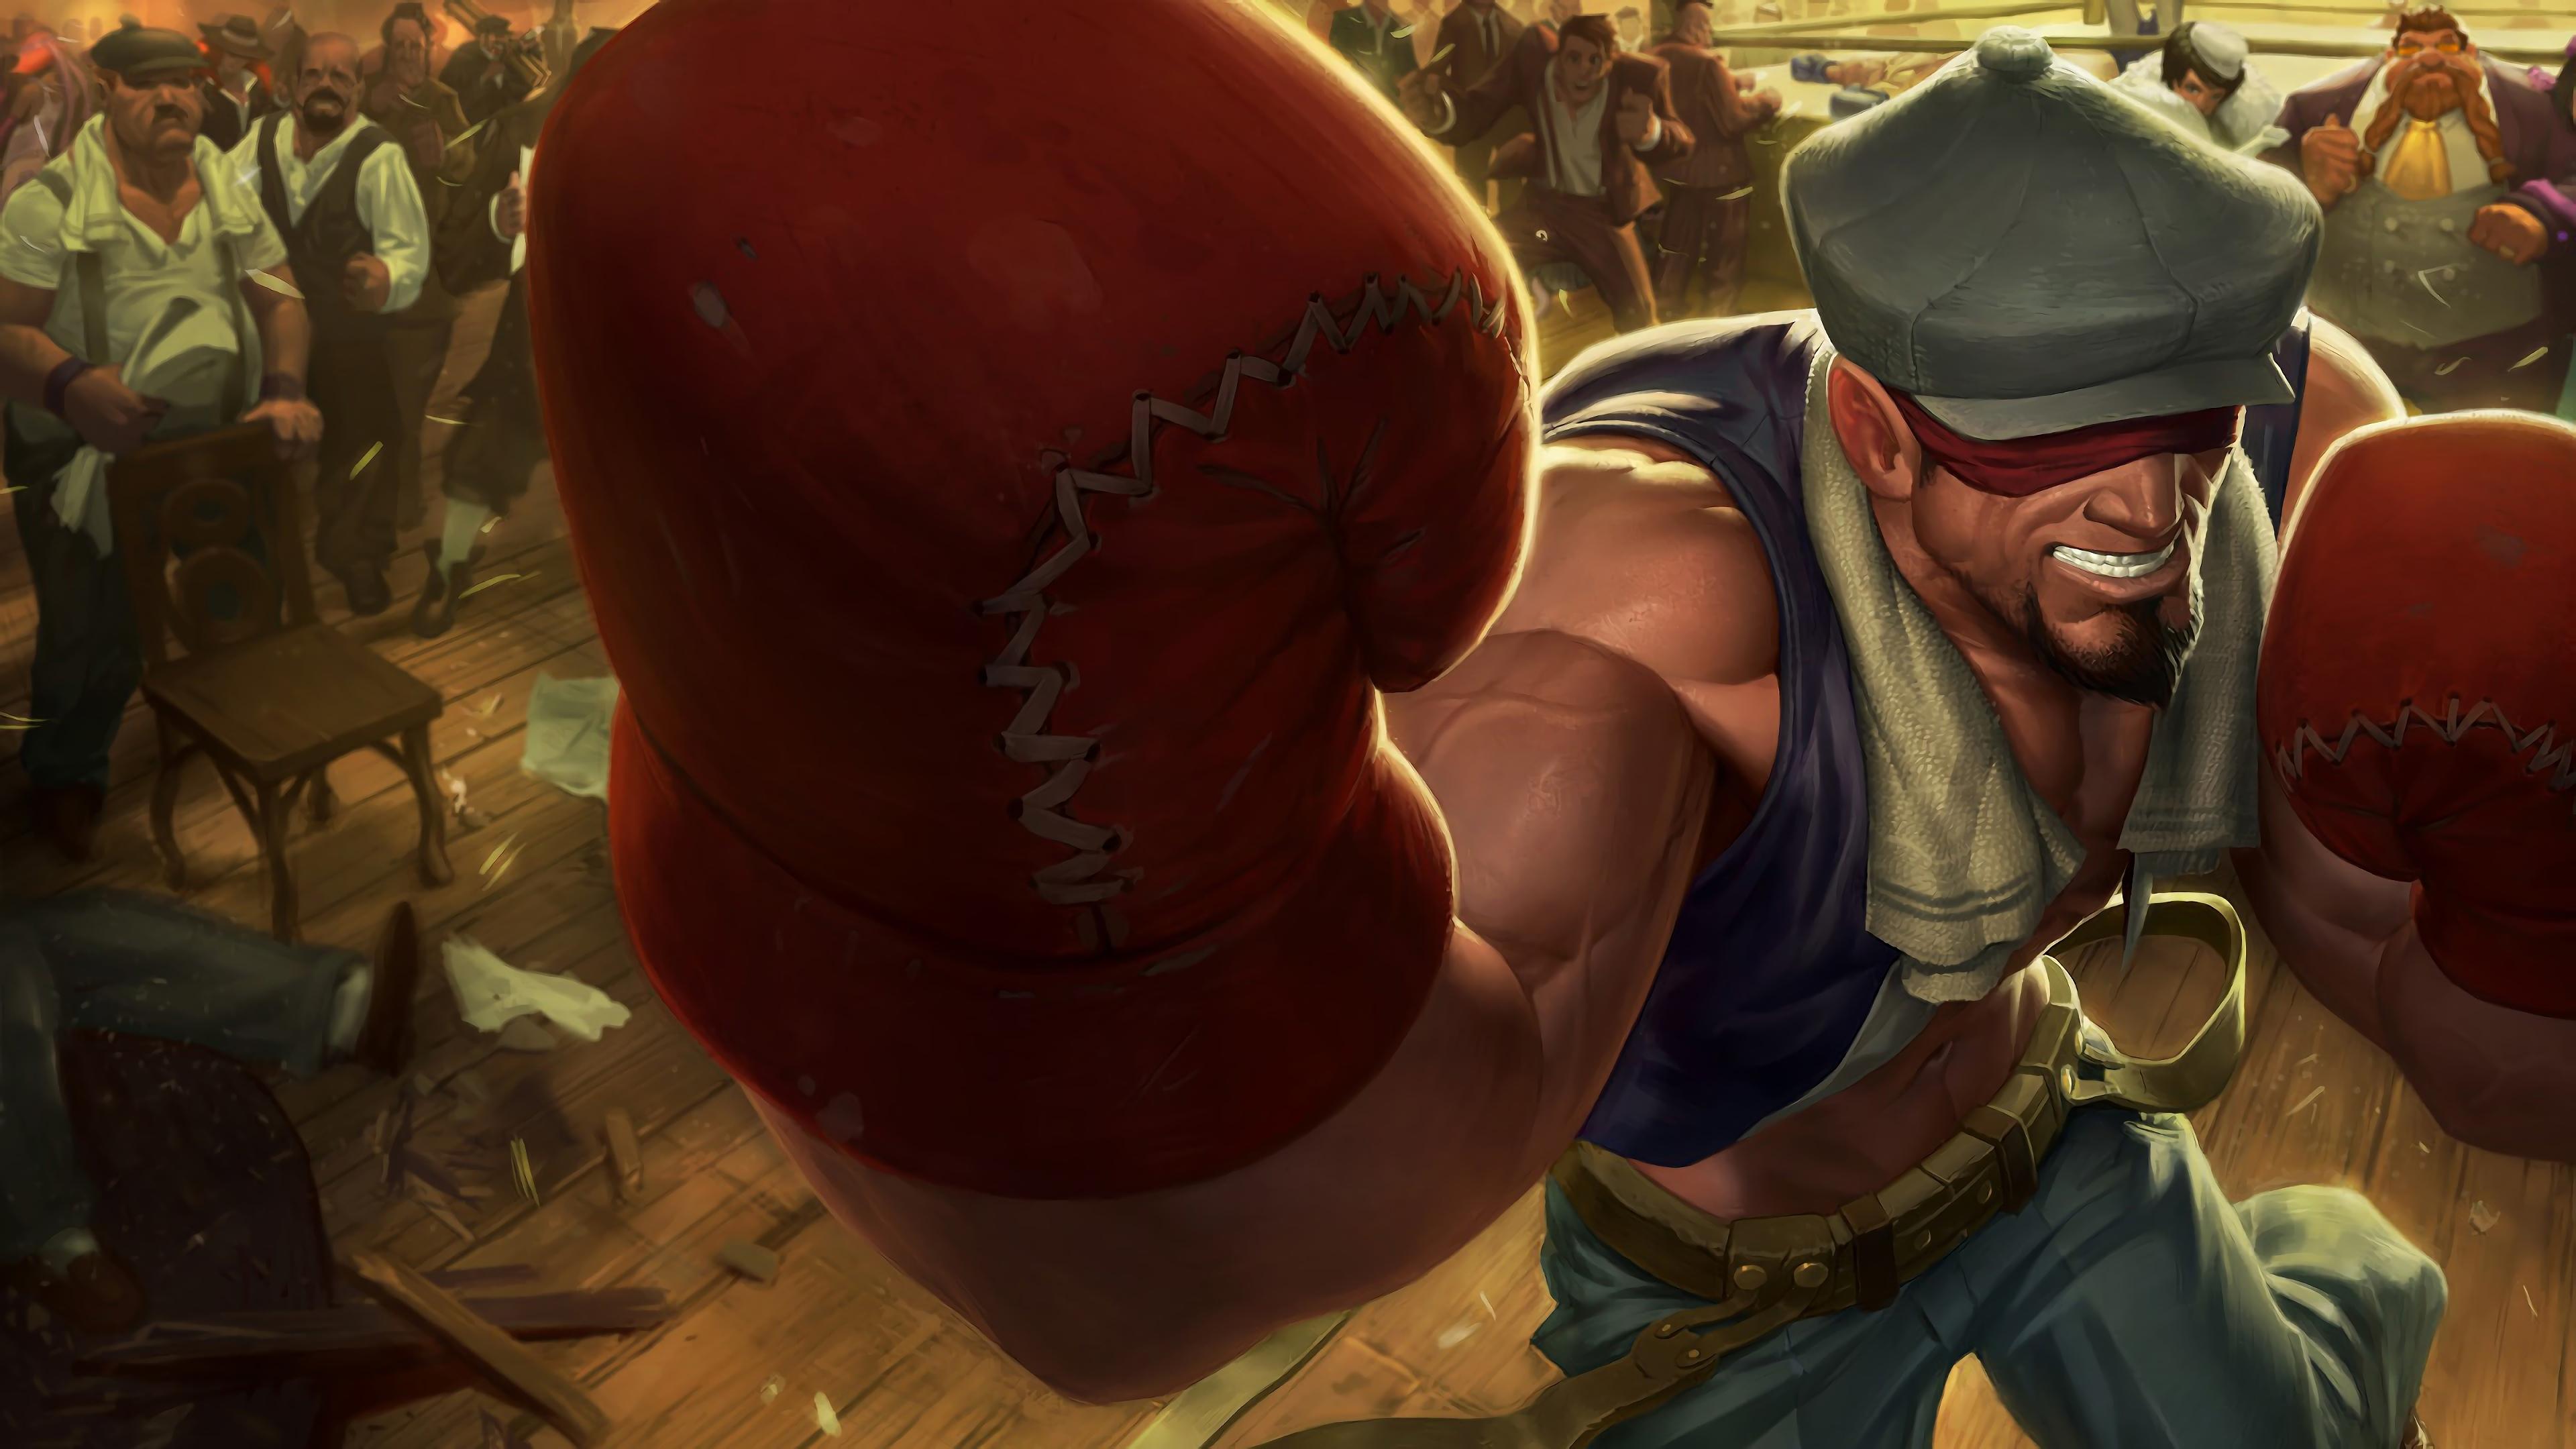 Wallpaper 4k Knockout Lee Sin Lol Splash Art League Of Legends Lol